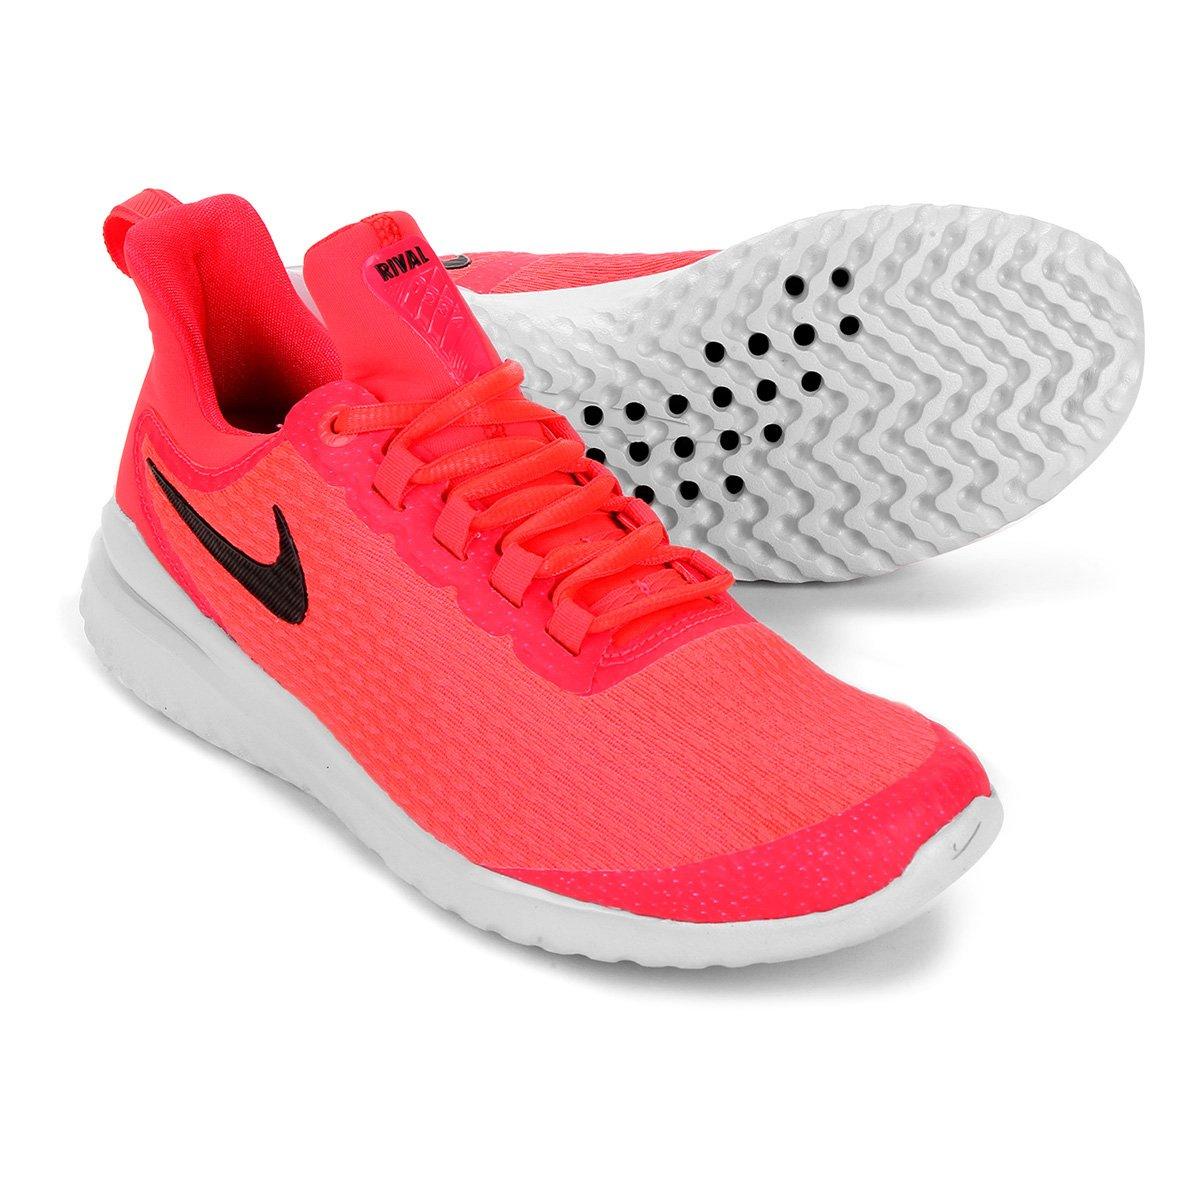 f0ee1e0b5967d Tênis Nike Renew Rival Feminino - Vermelho e Preto - Compre Agora ...